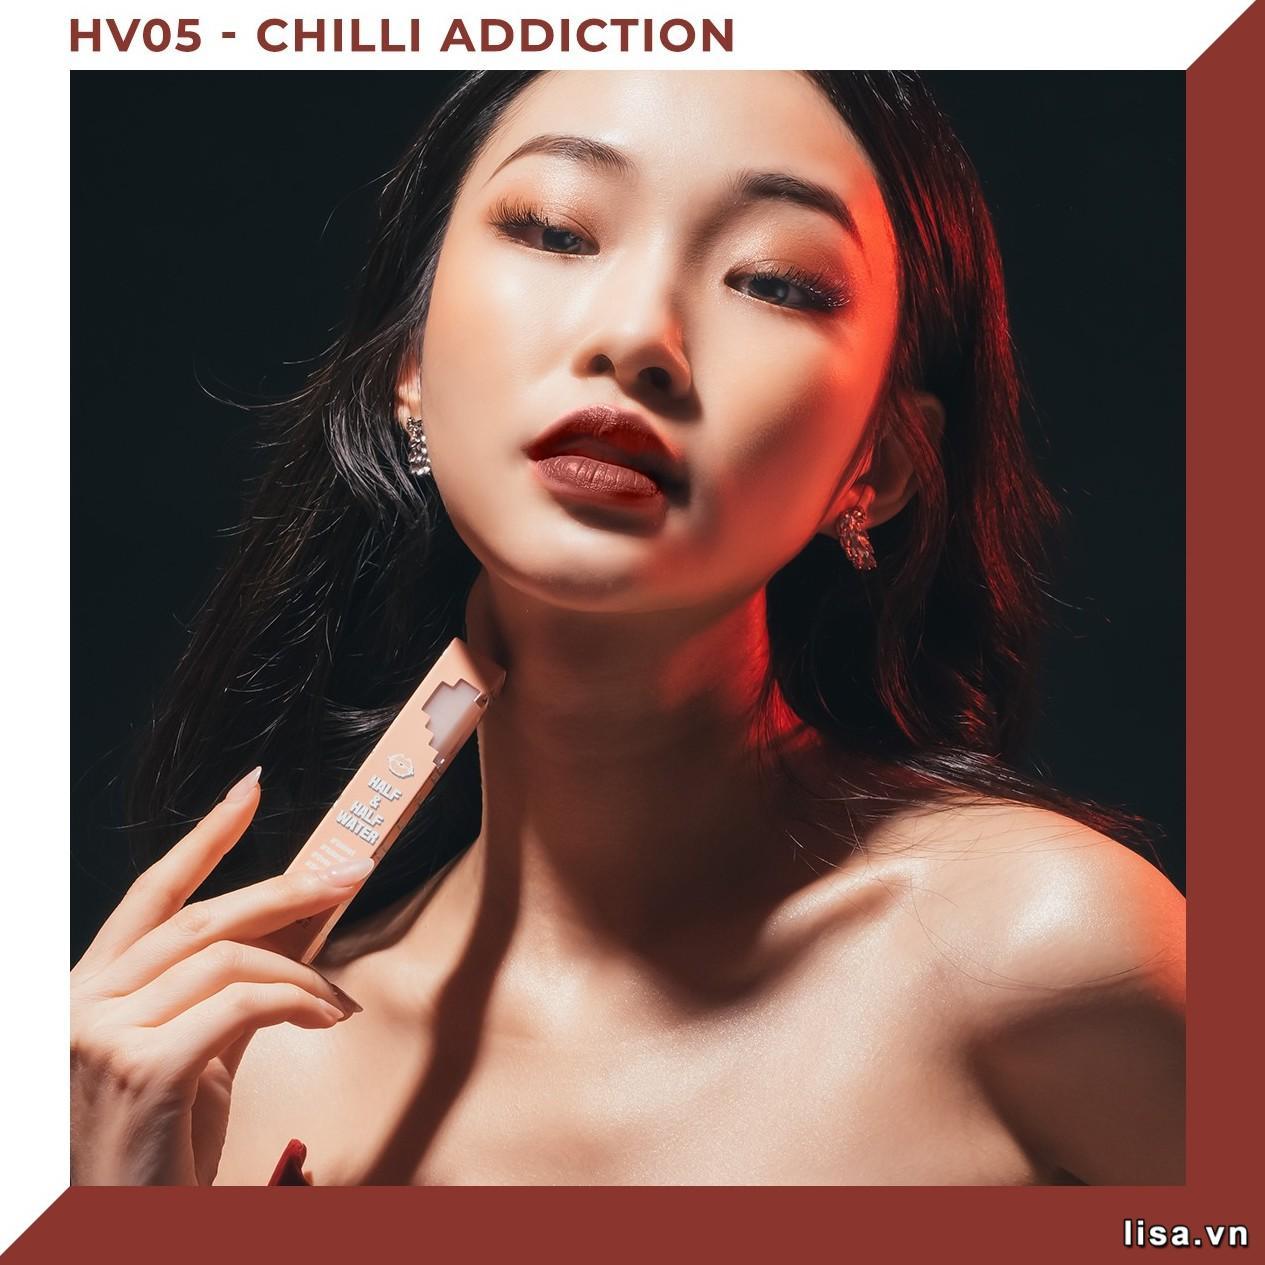 Son Black Rouge Half N Half HV05 Chilli Addiction lên môi đậm nhạt tùy thuộc vào cách bạn đánh son